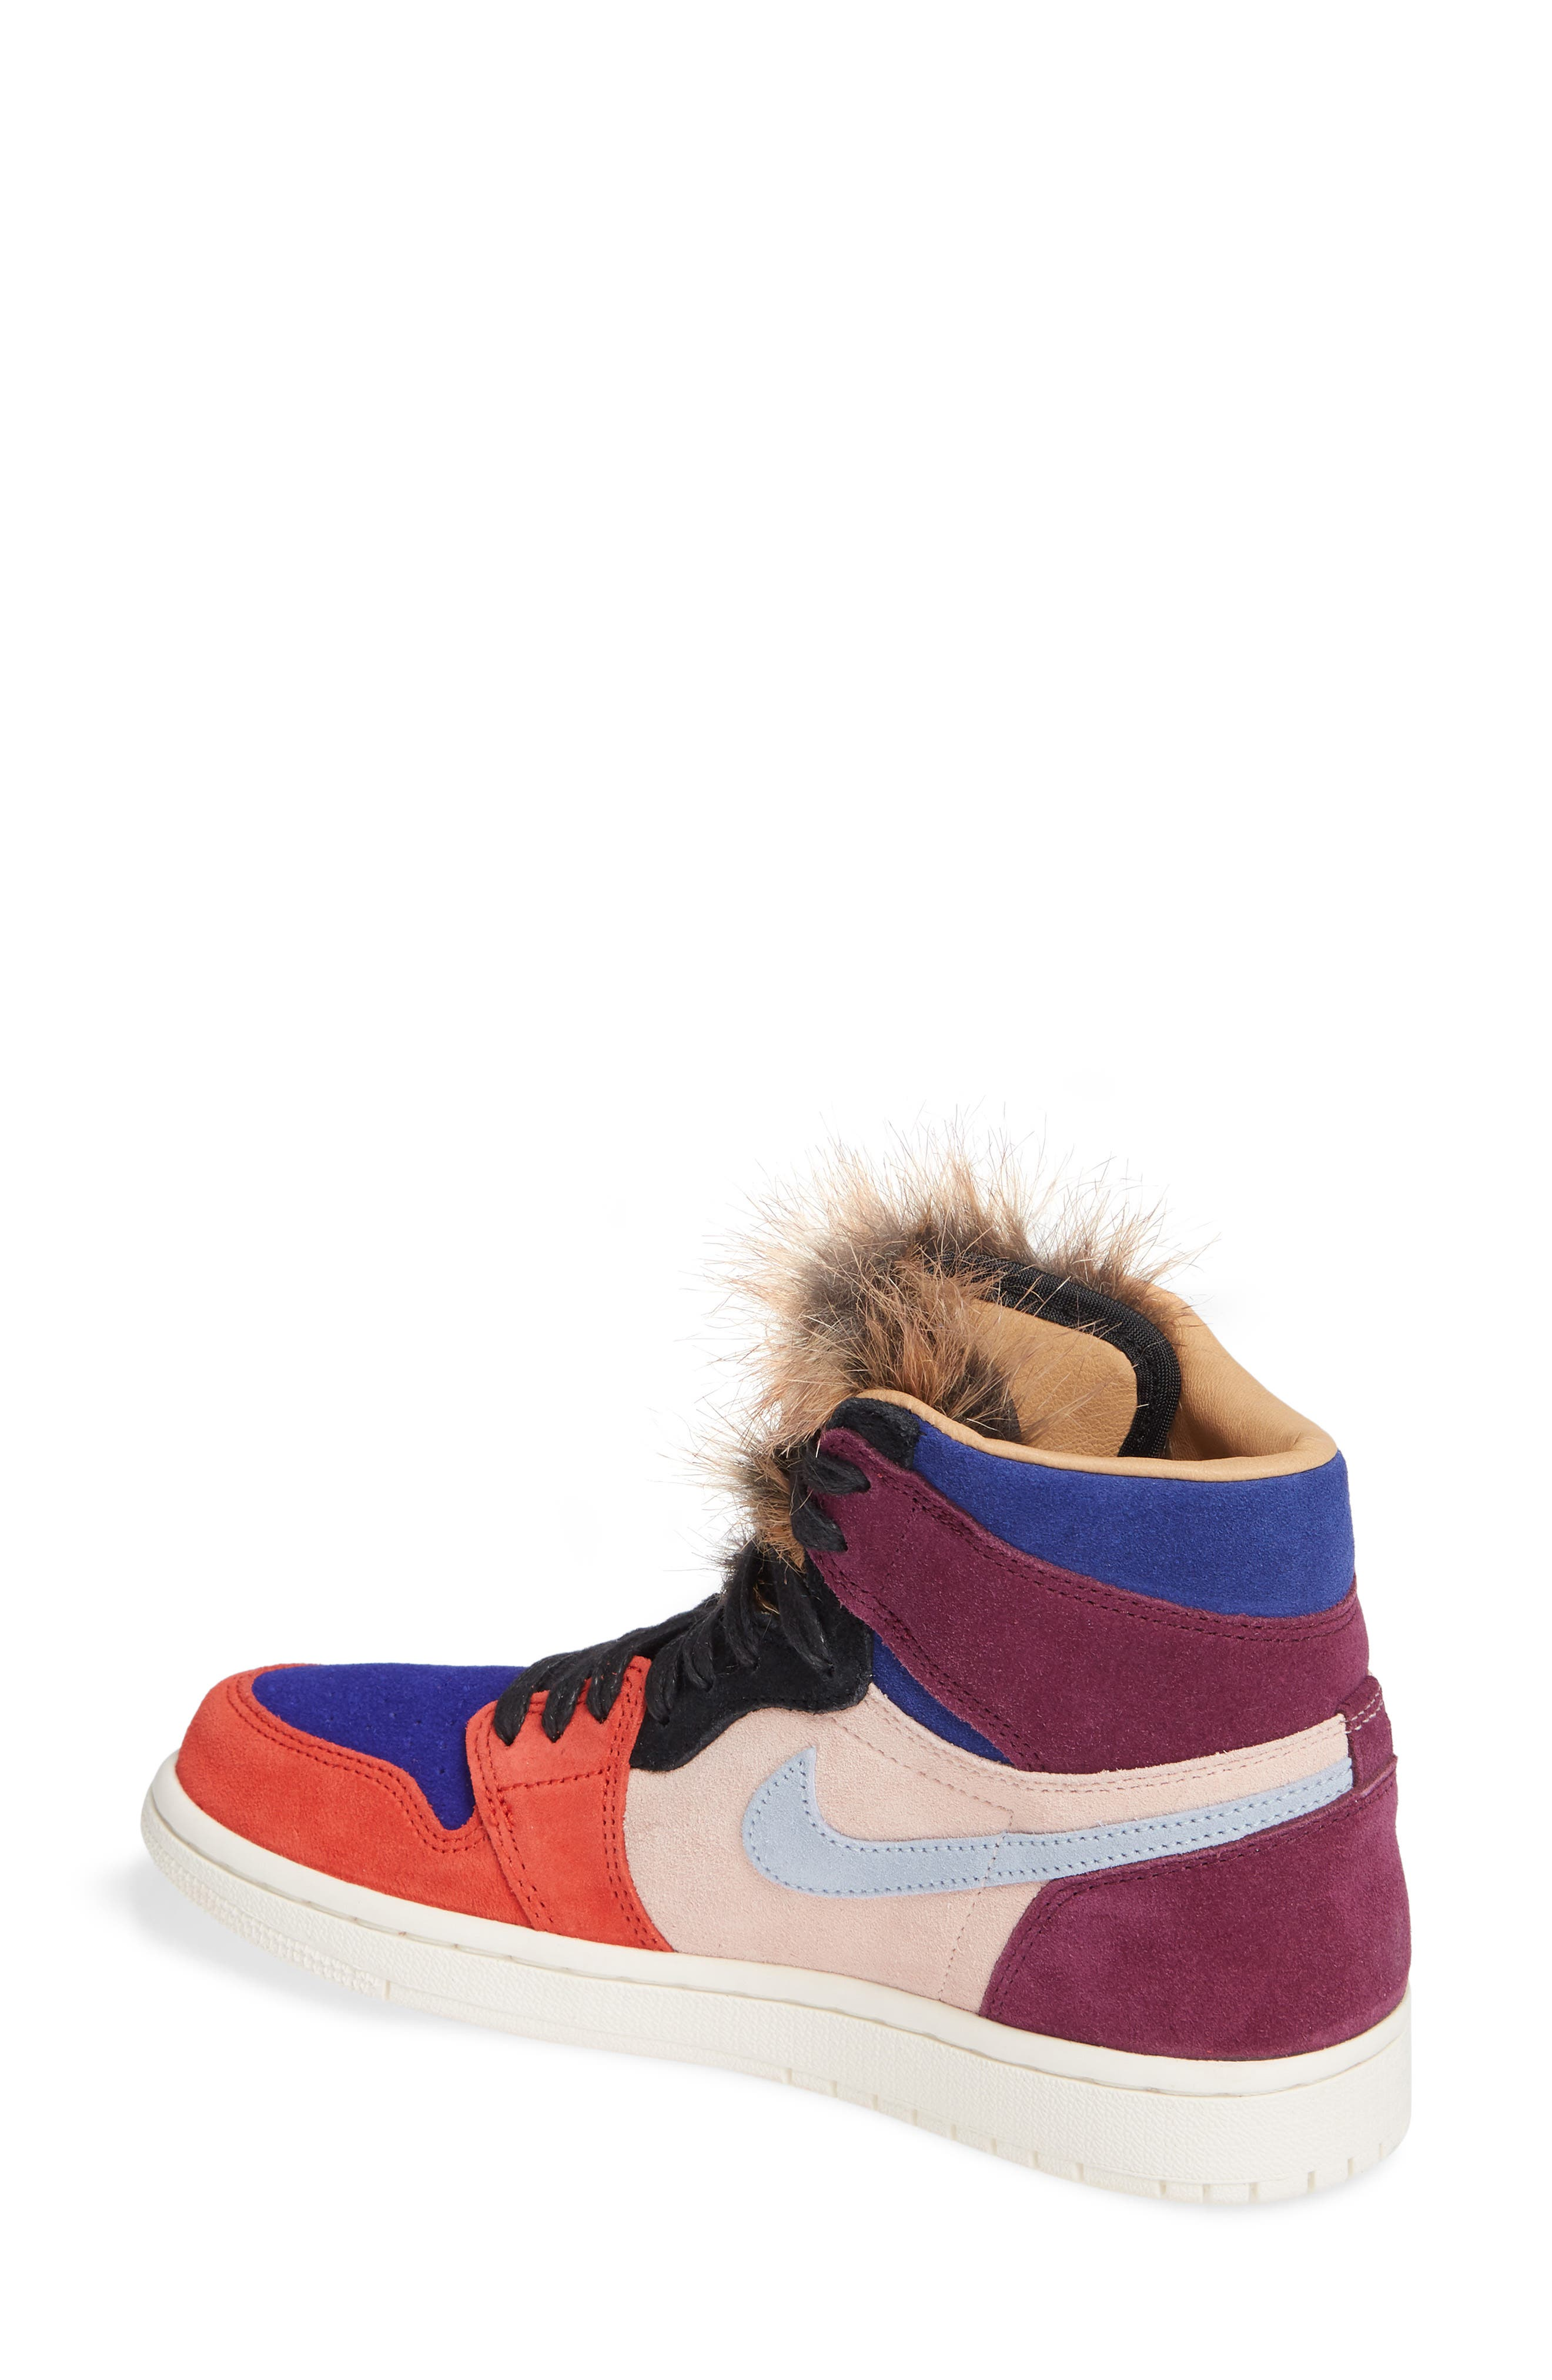 Nike Air Jordan 1 High OG Sneaker,                             Alternate thumbnail 2, color,                             600